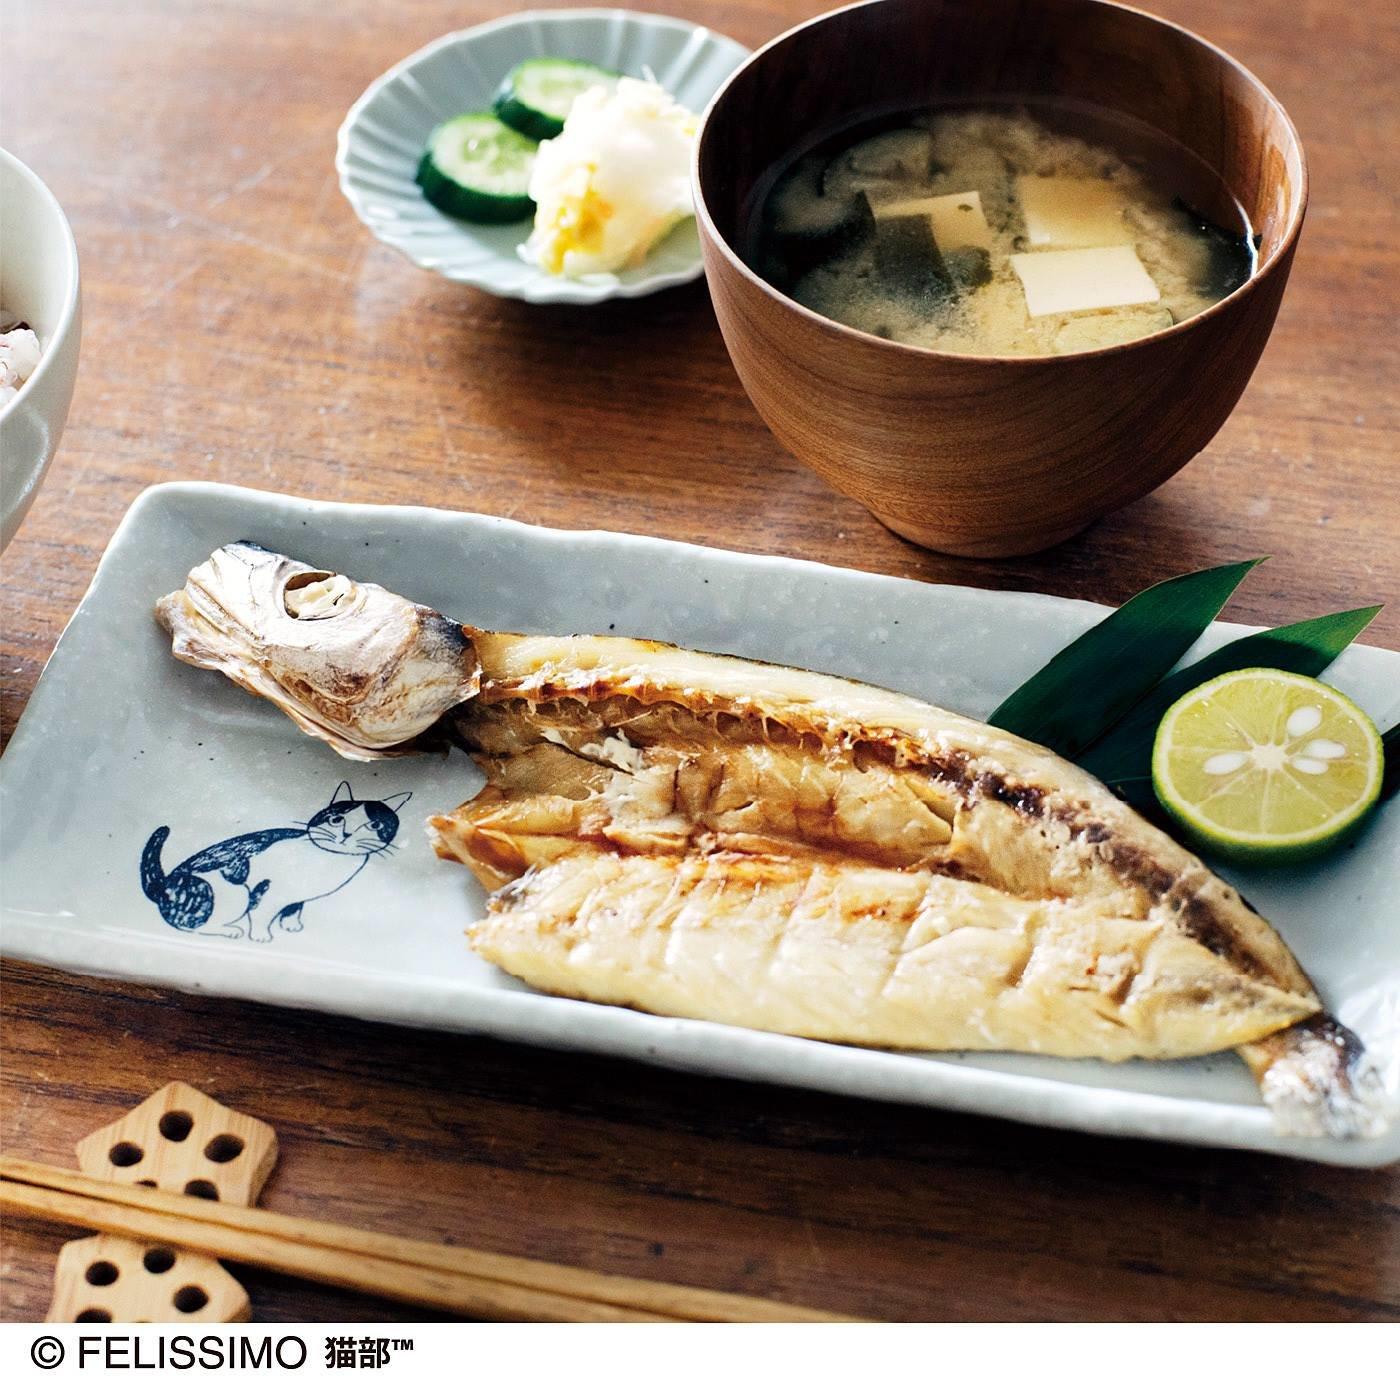 対馬海流で獲れた骨まで食べられる魚と猫柄の美濃焼長角皿  の会